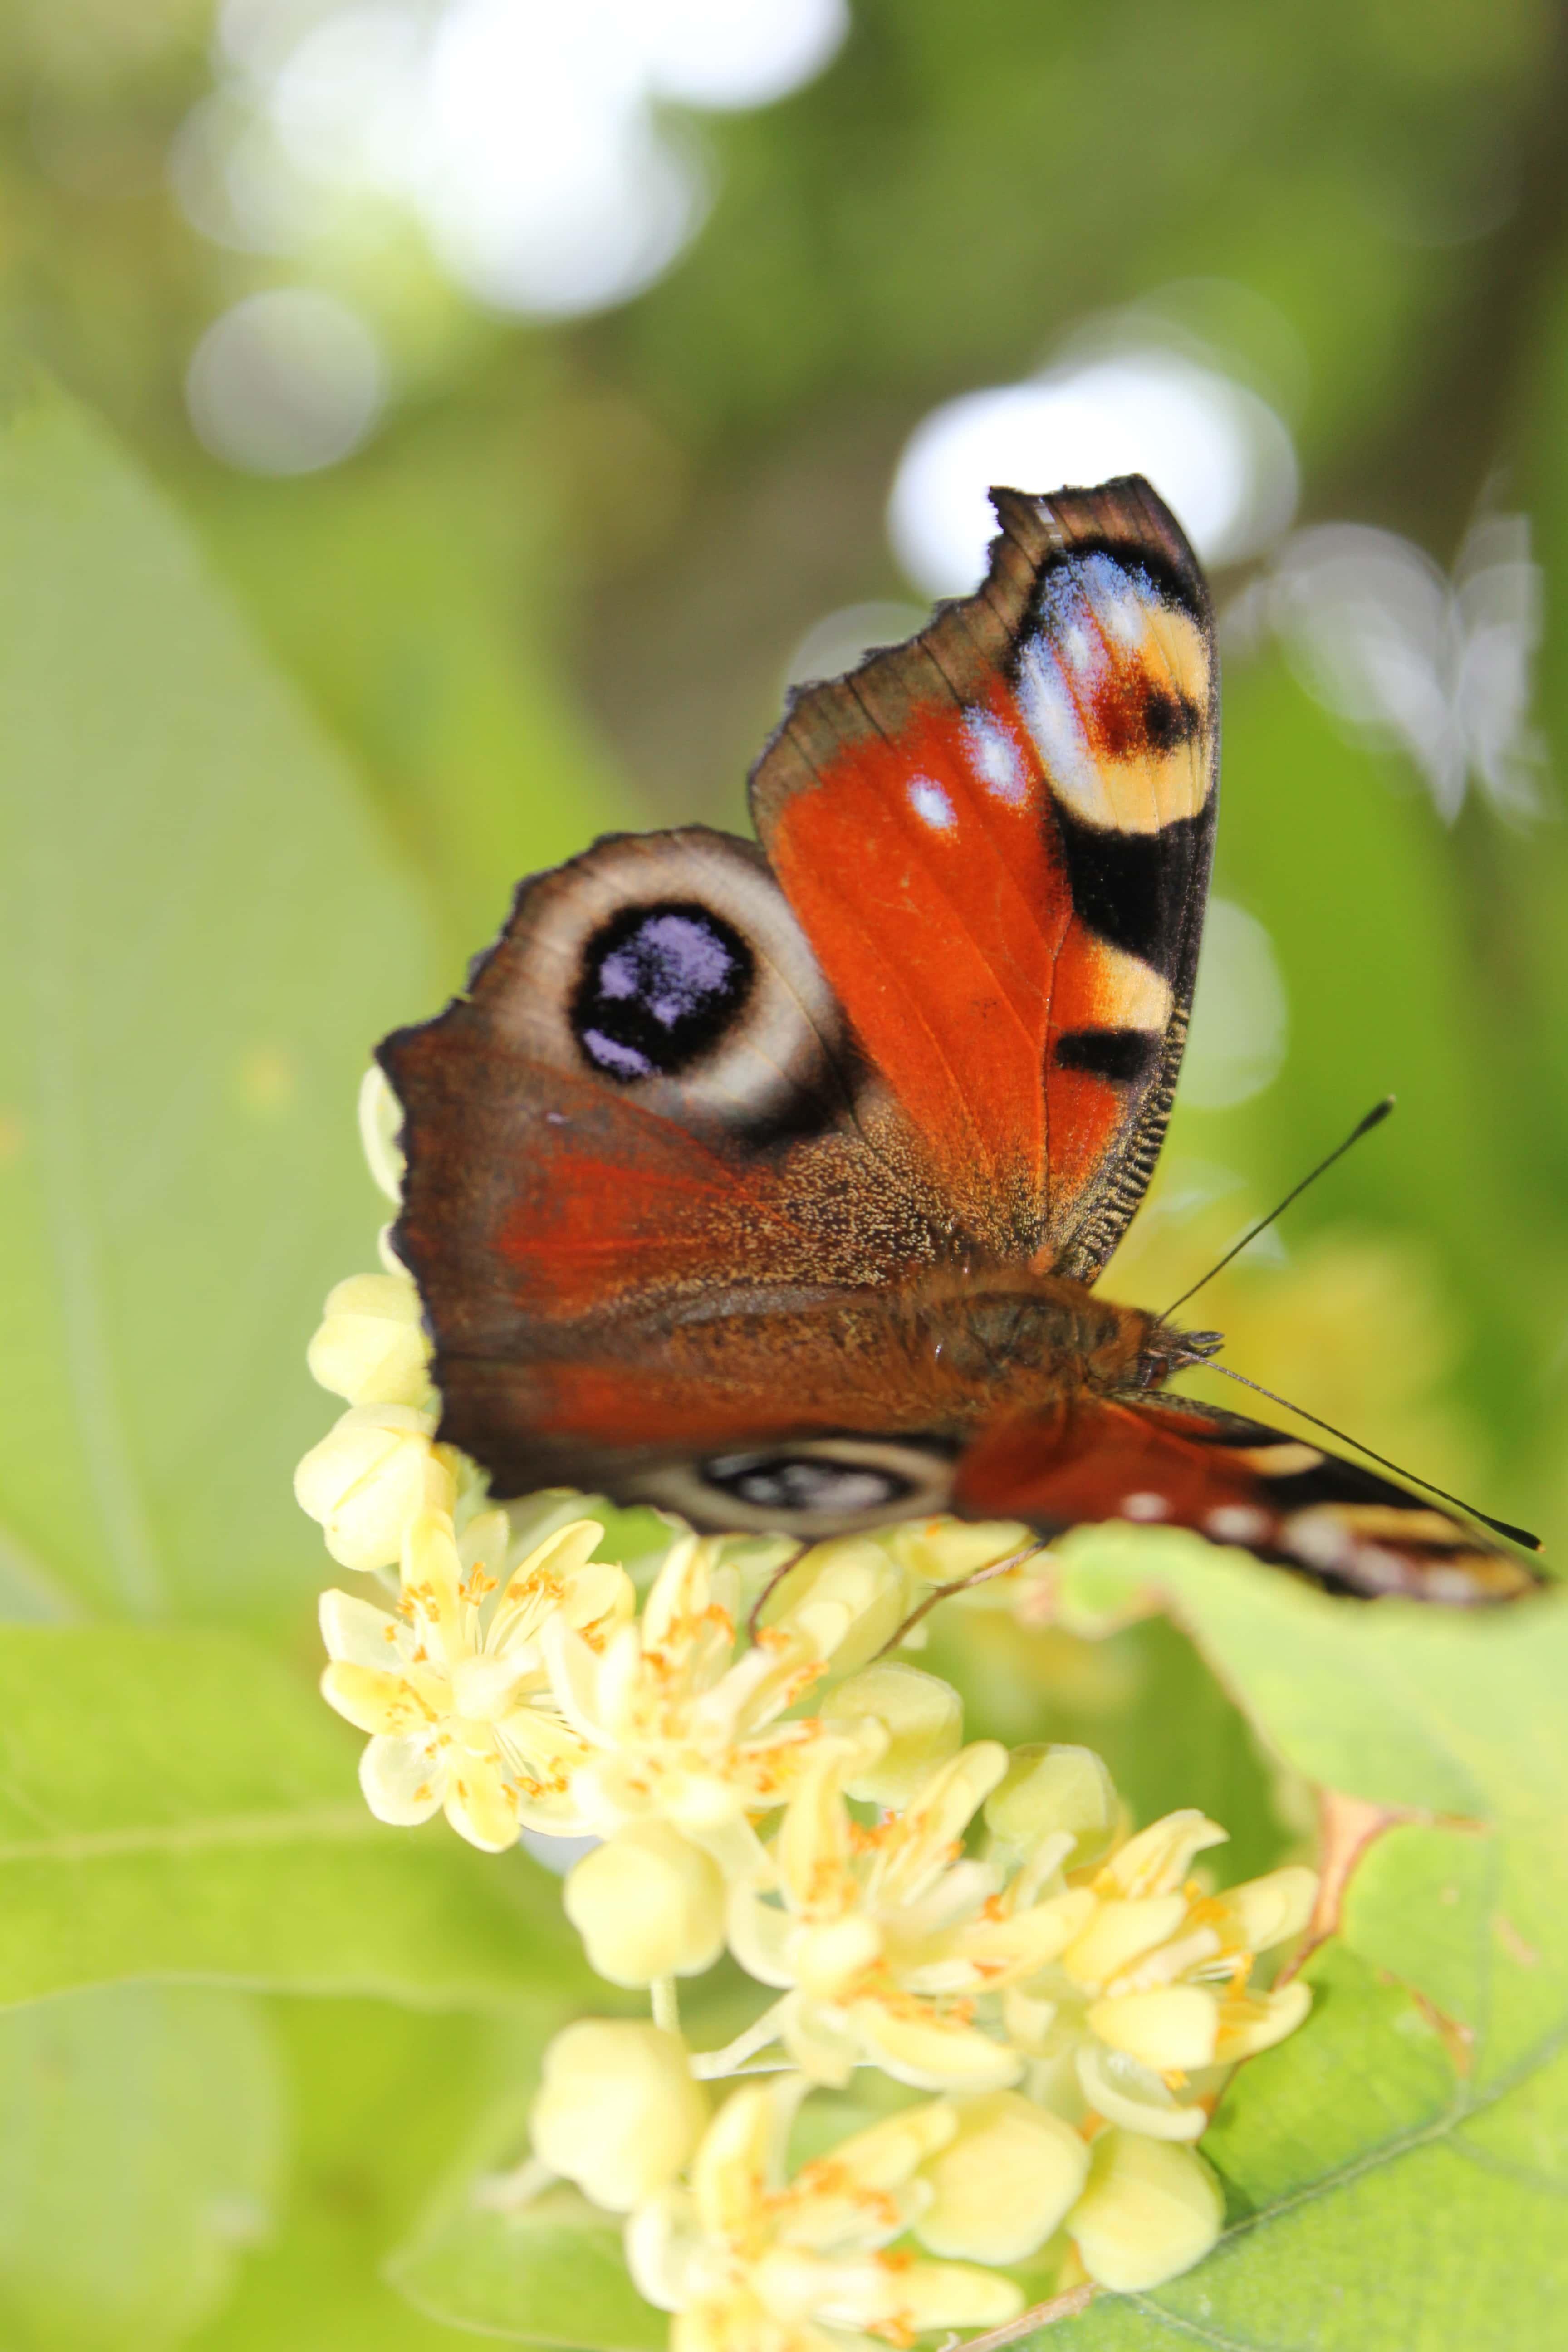 Gambar Gratis Kupu Kupu Bunga Kupu Kupu Warna Warni Sayap Bunga Musim Panas Alam Taman Tanaman Serangga